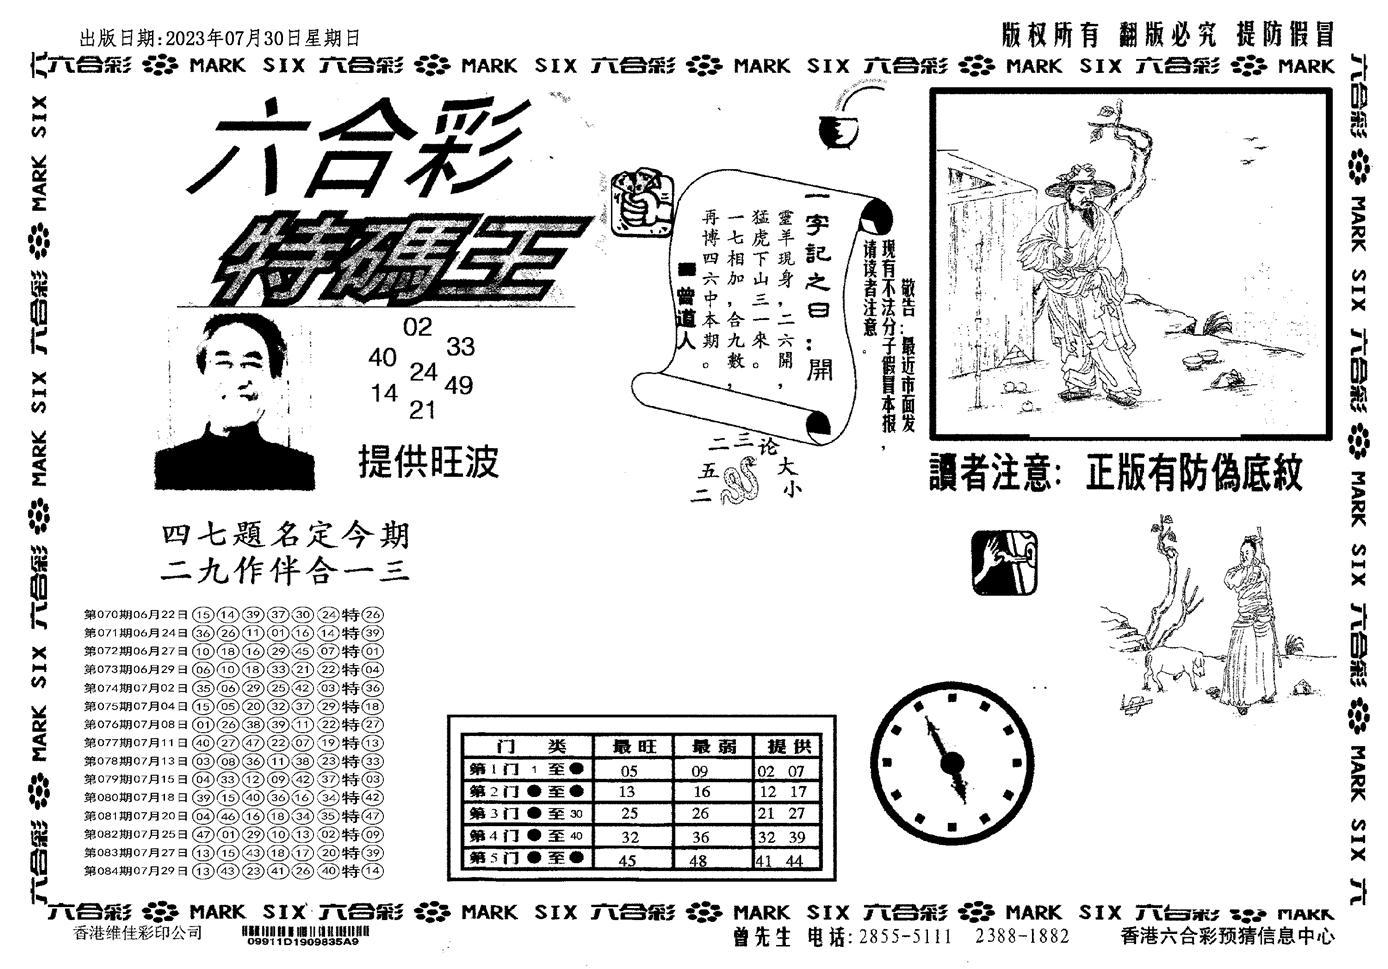 085期另版特码王(黑白)